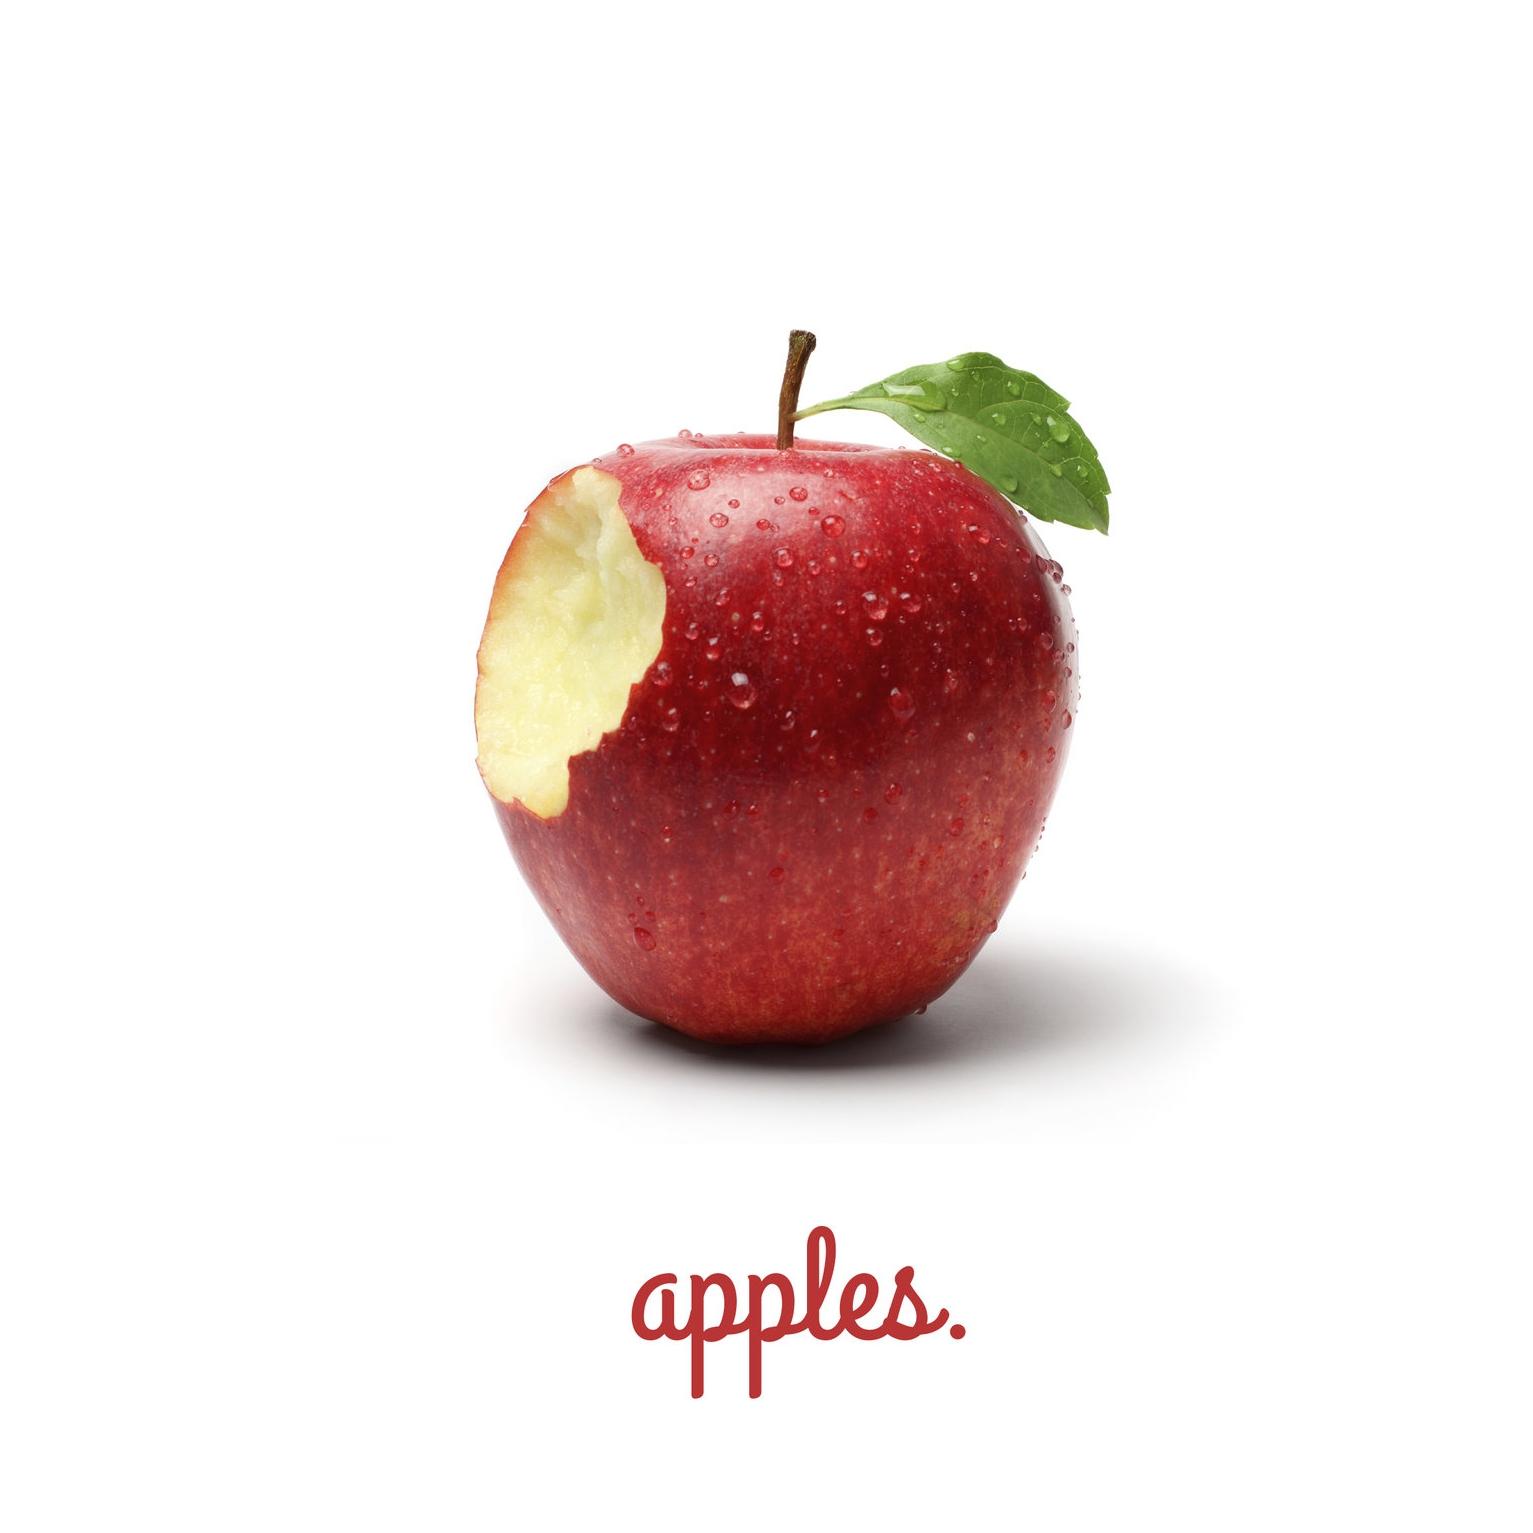 appleonwhite.jpg